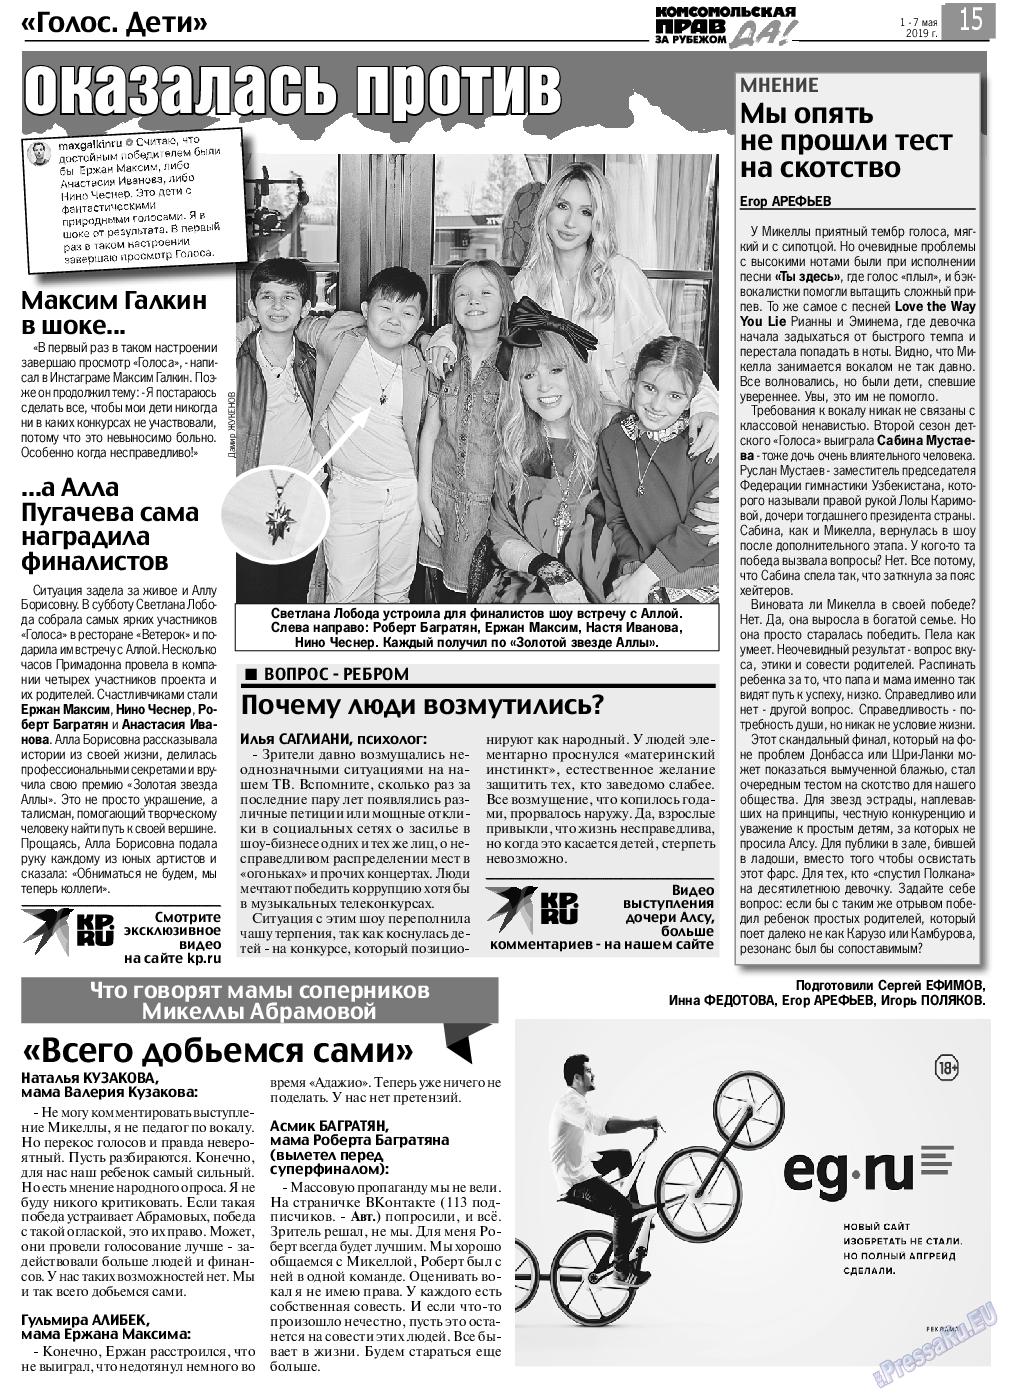 КП в Европе (газета). 2019 год, номер 18, стр. 15